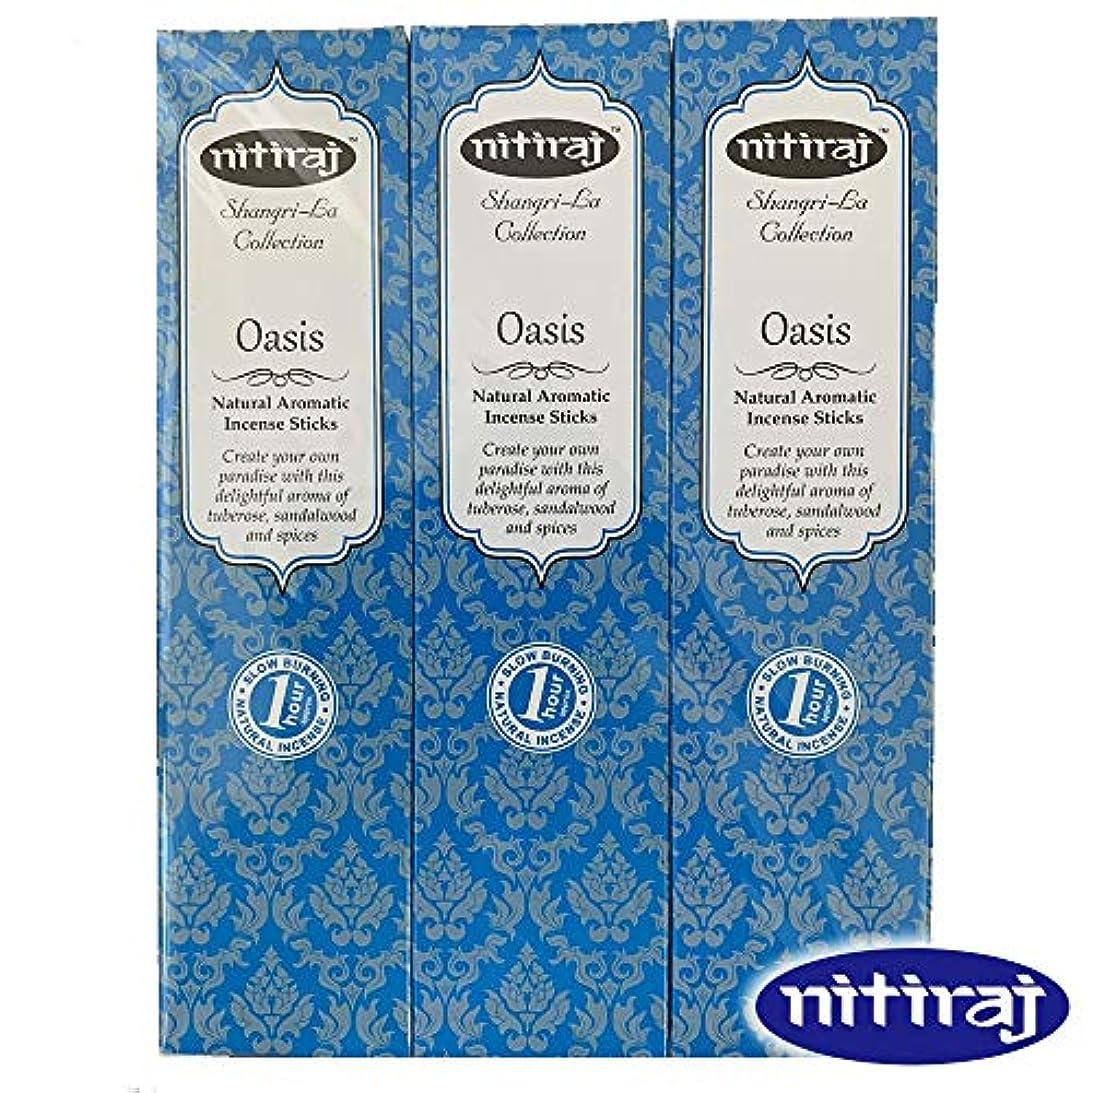 小さなガード乗り出すお香 アロマインセンス Nitiraj(ニティラジ)Oasis(オアシス) 3箱セット(1箱10本入り) スティック型 100%天然素材 正規輸入代理店